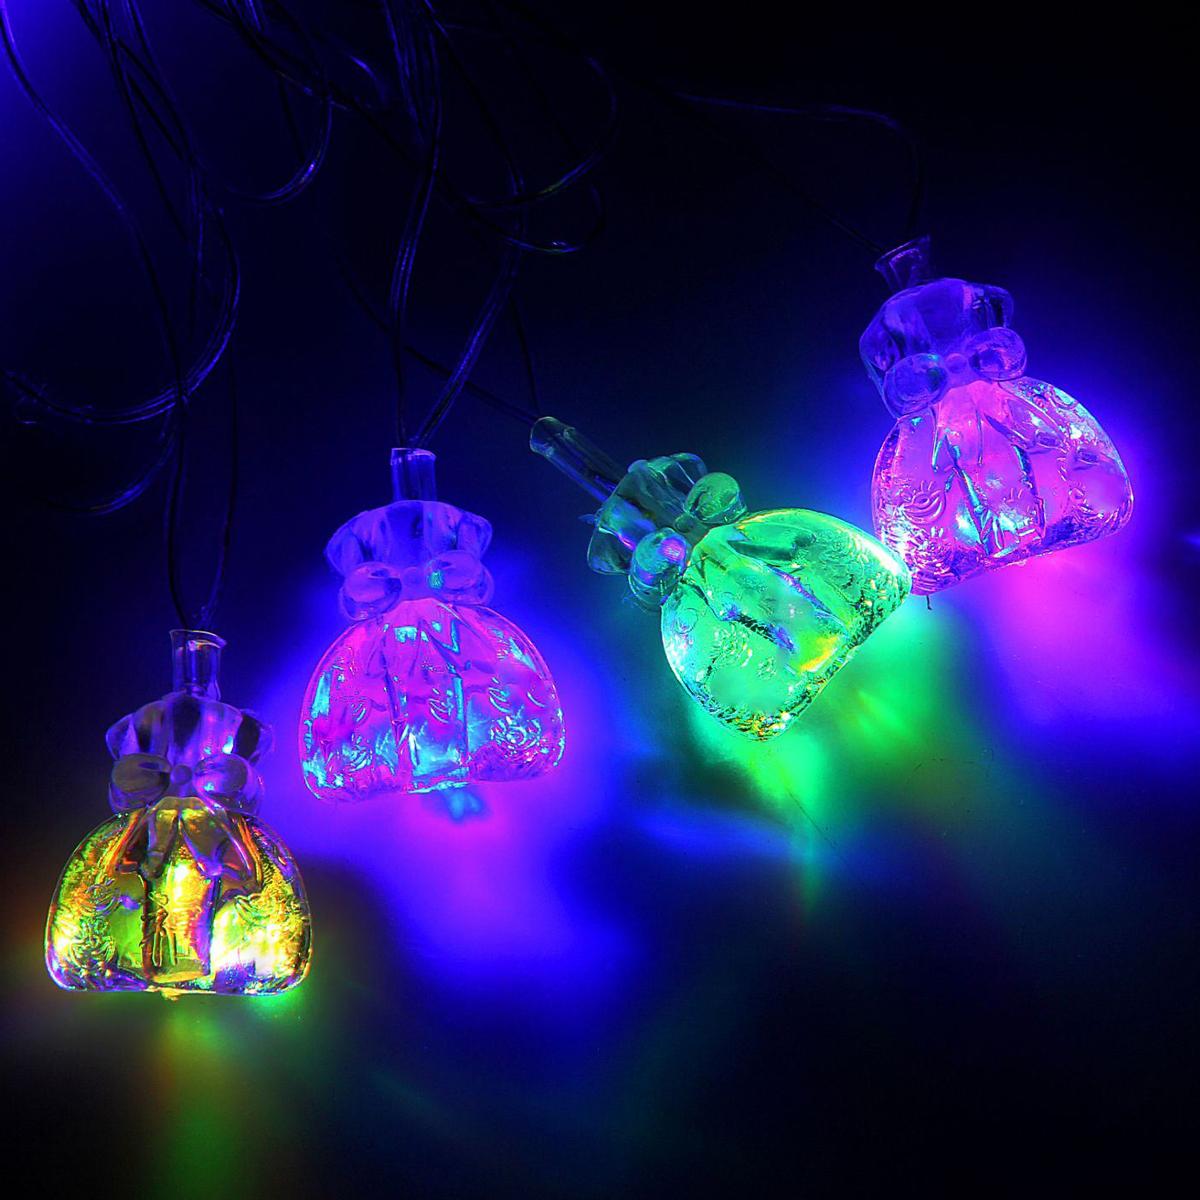 Гирлянда светодиодная Luazon Метраж. Подарок, 20 ламп, 220 V, длина 5 м1080396Светодиодные гирлянды и ленты — это отличный вариант для новогоднего оформления интерьера или фасада. С их помощью помещение любого размера можно превратить в праздничный зал, а внешние элементы зданий, украшенные ими, мгновенно станут напоминать очертания сказочного дворца. Такие украшения создают ауру предвкушения чуда. Деревья, фасады, витрины, окна и арки будто специально созданы, чтобы вы украсили их светящимися нитями.